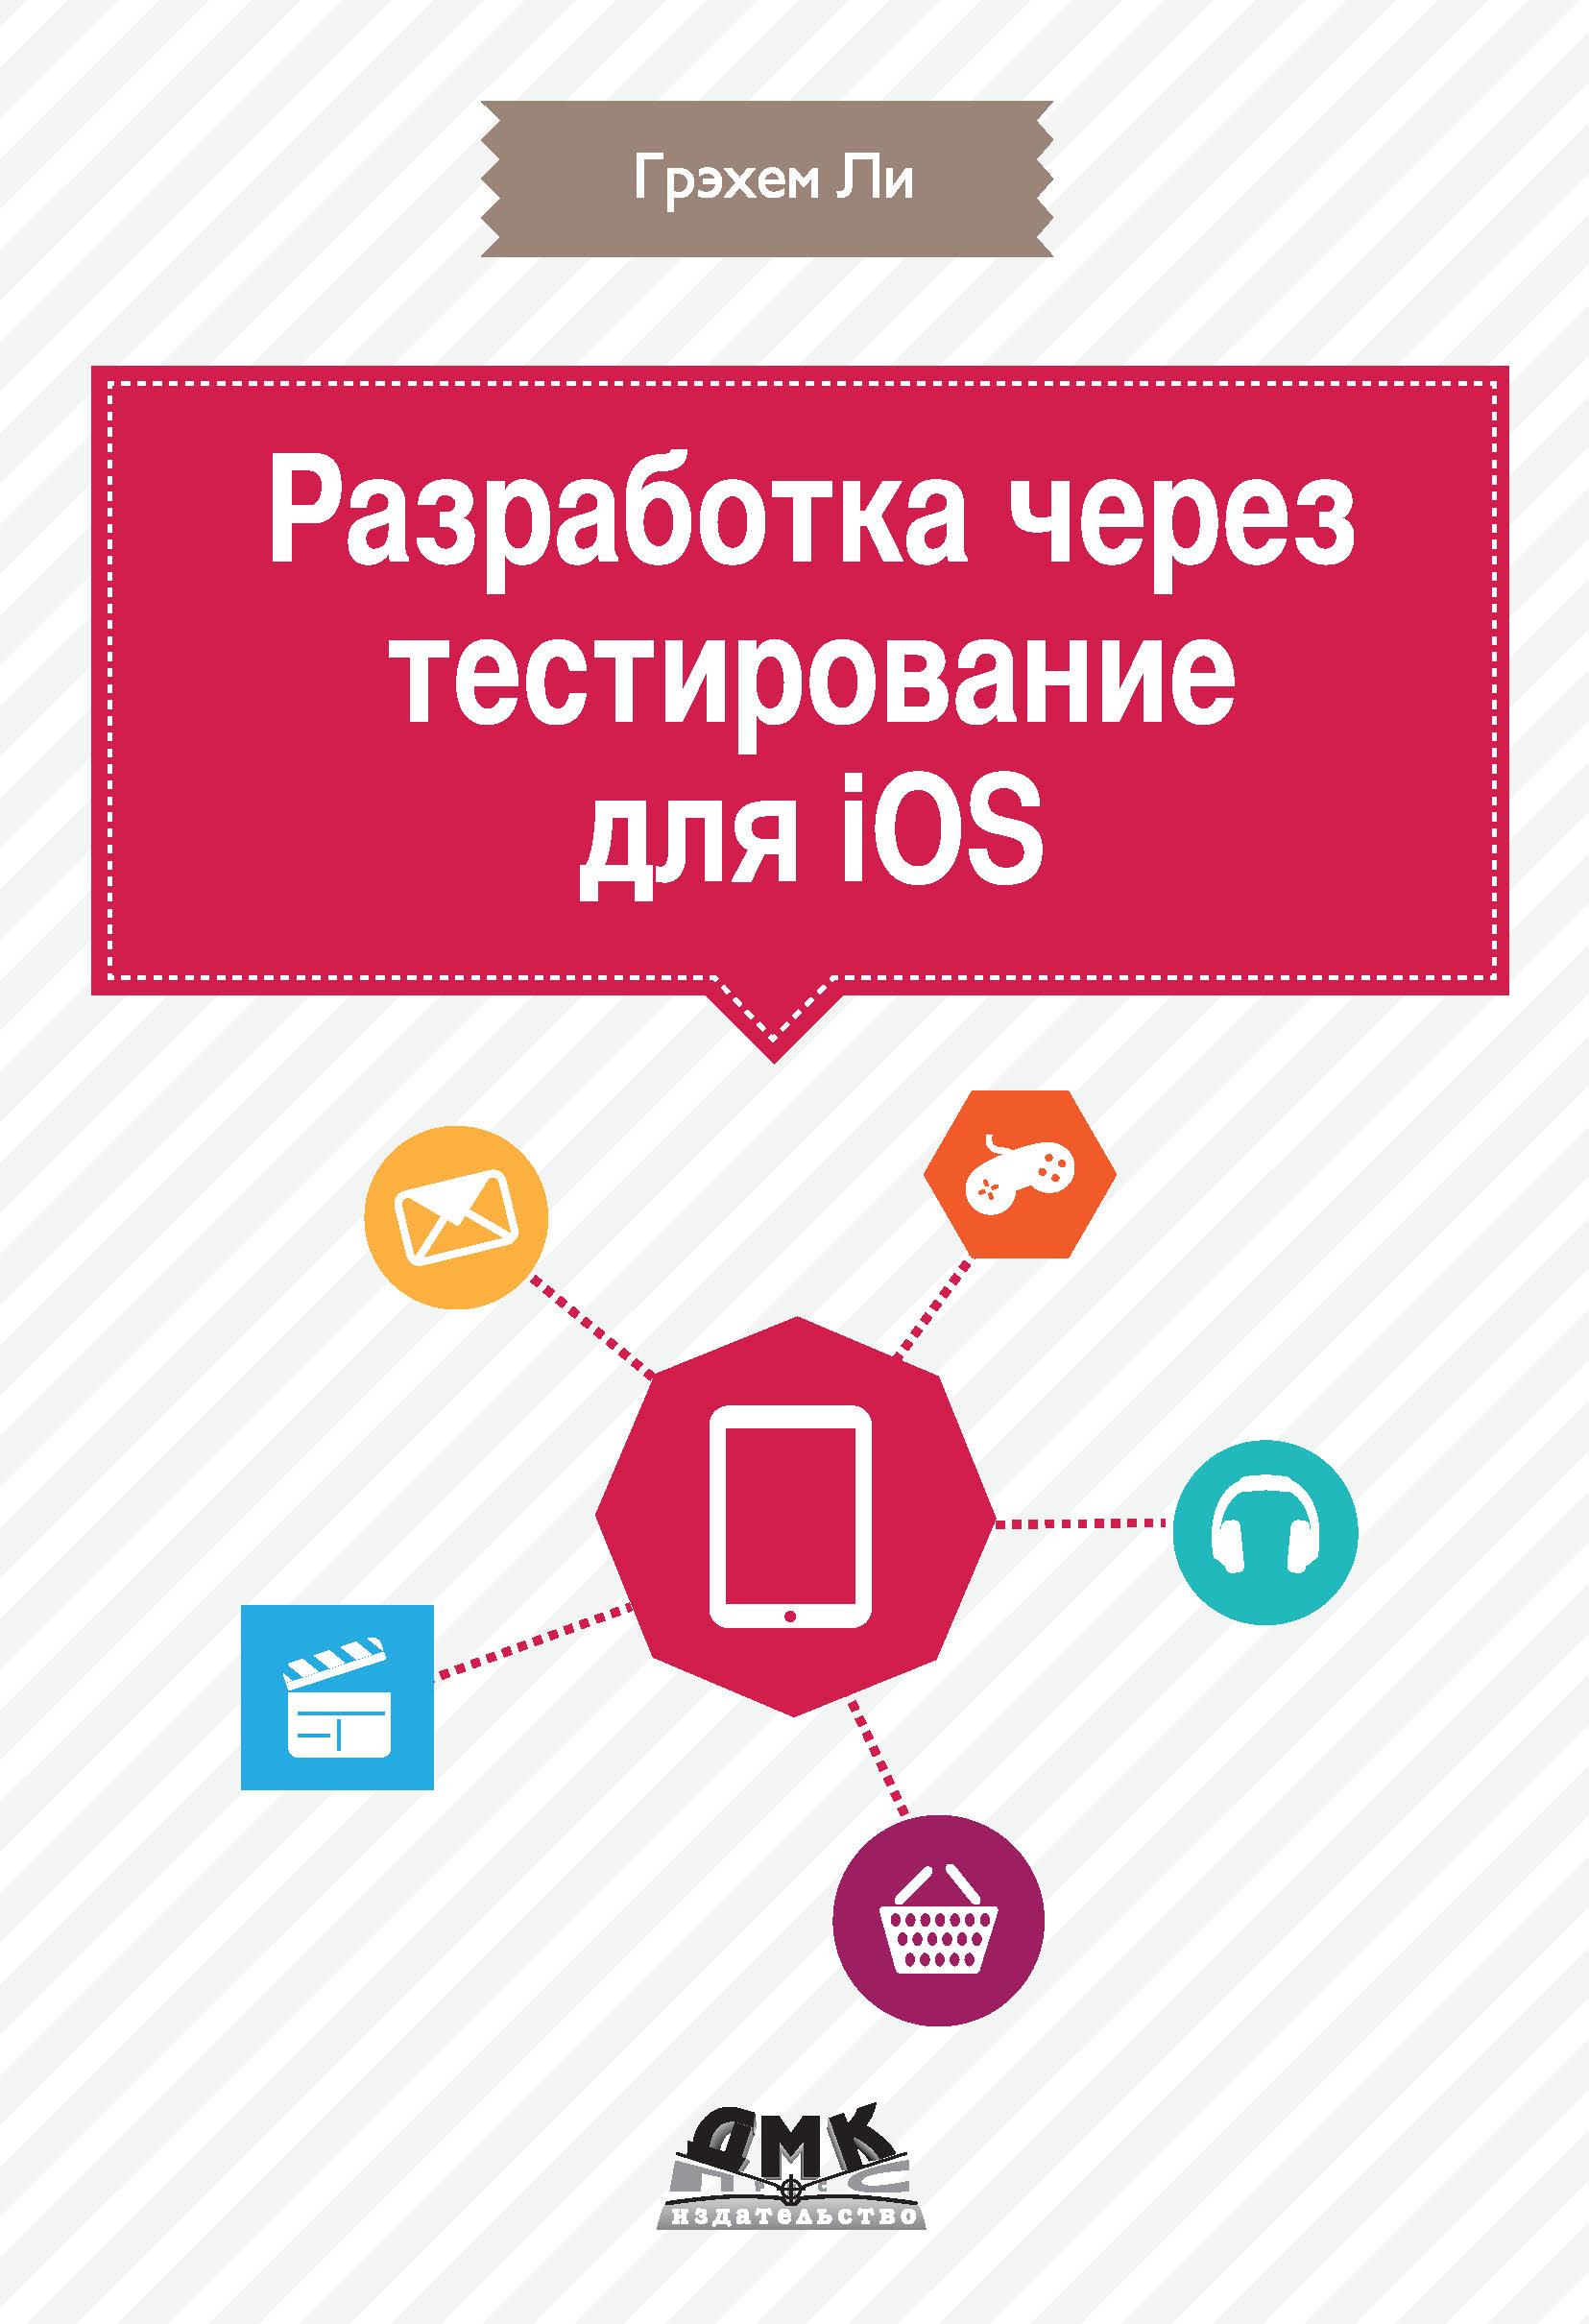 Разработка через тестирование для iOS